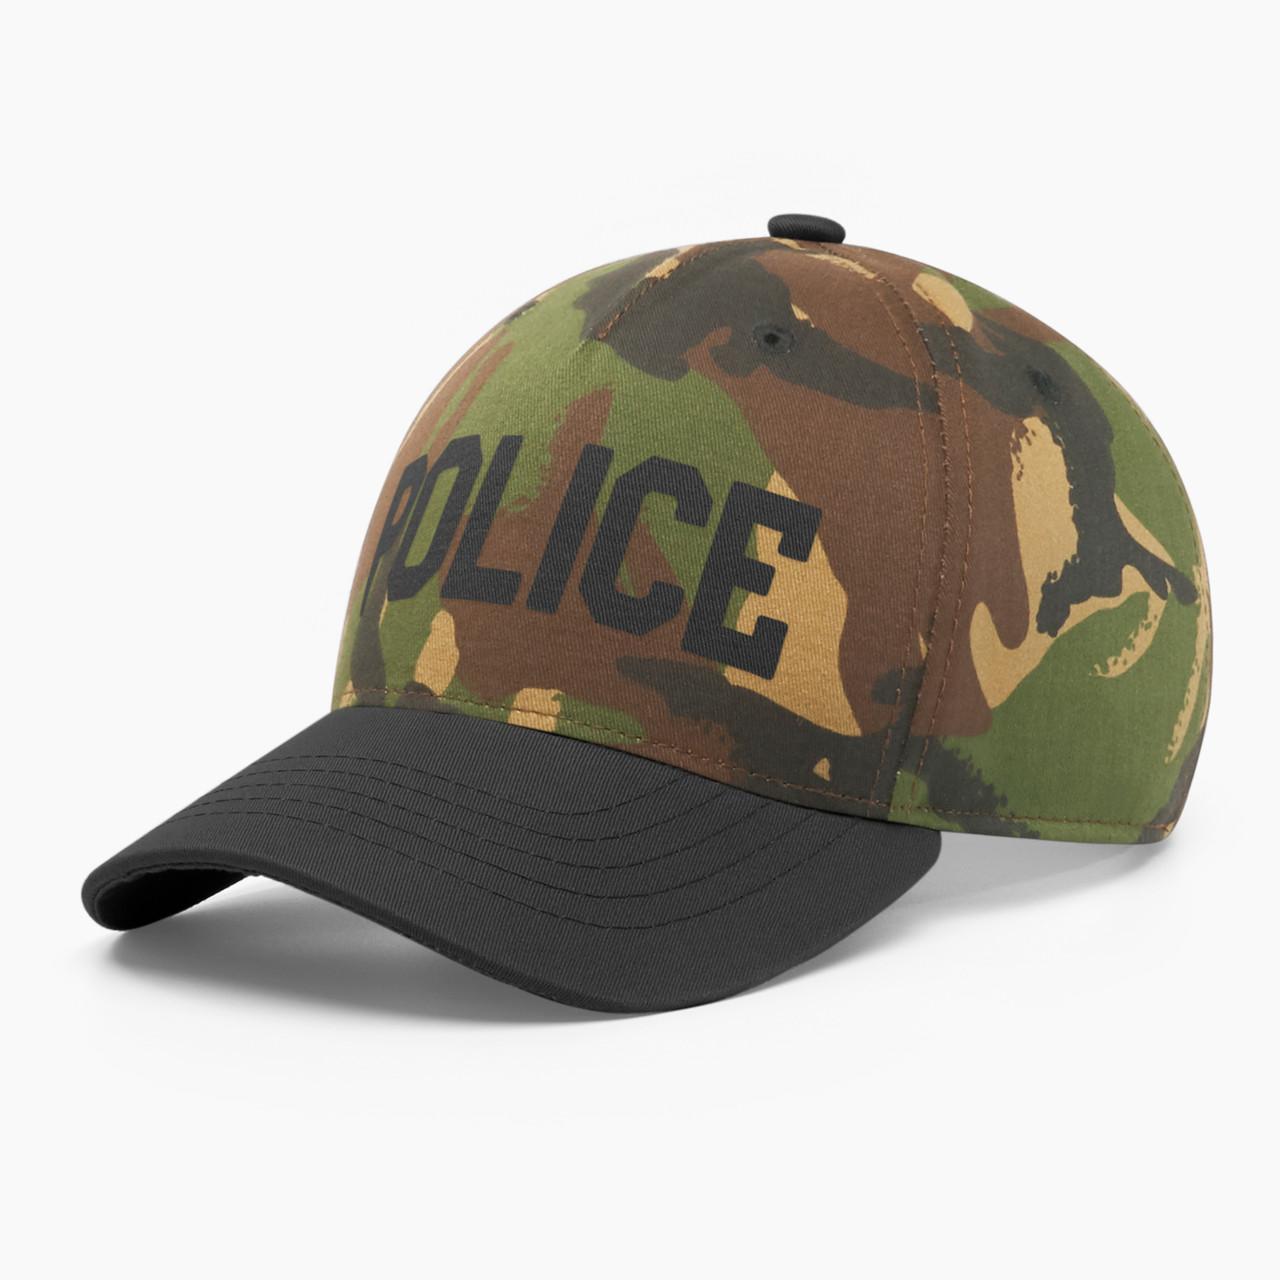 Кепка бейсболка мужская INAL police M / 55-56 RU Хаки 255055